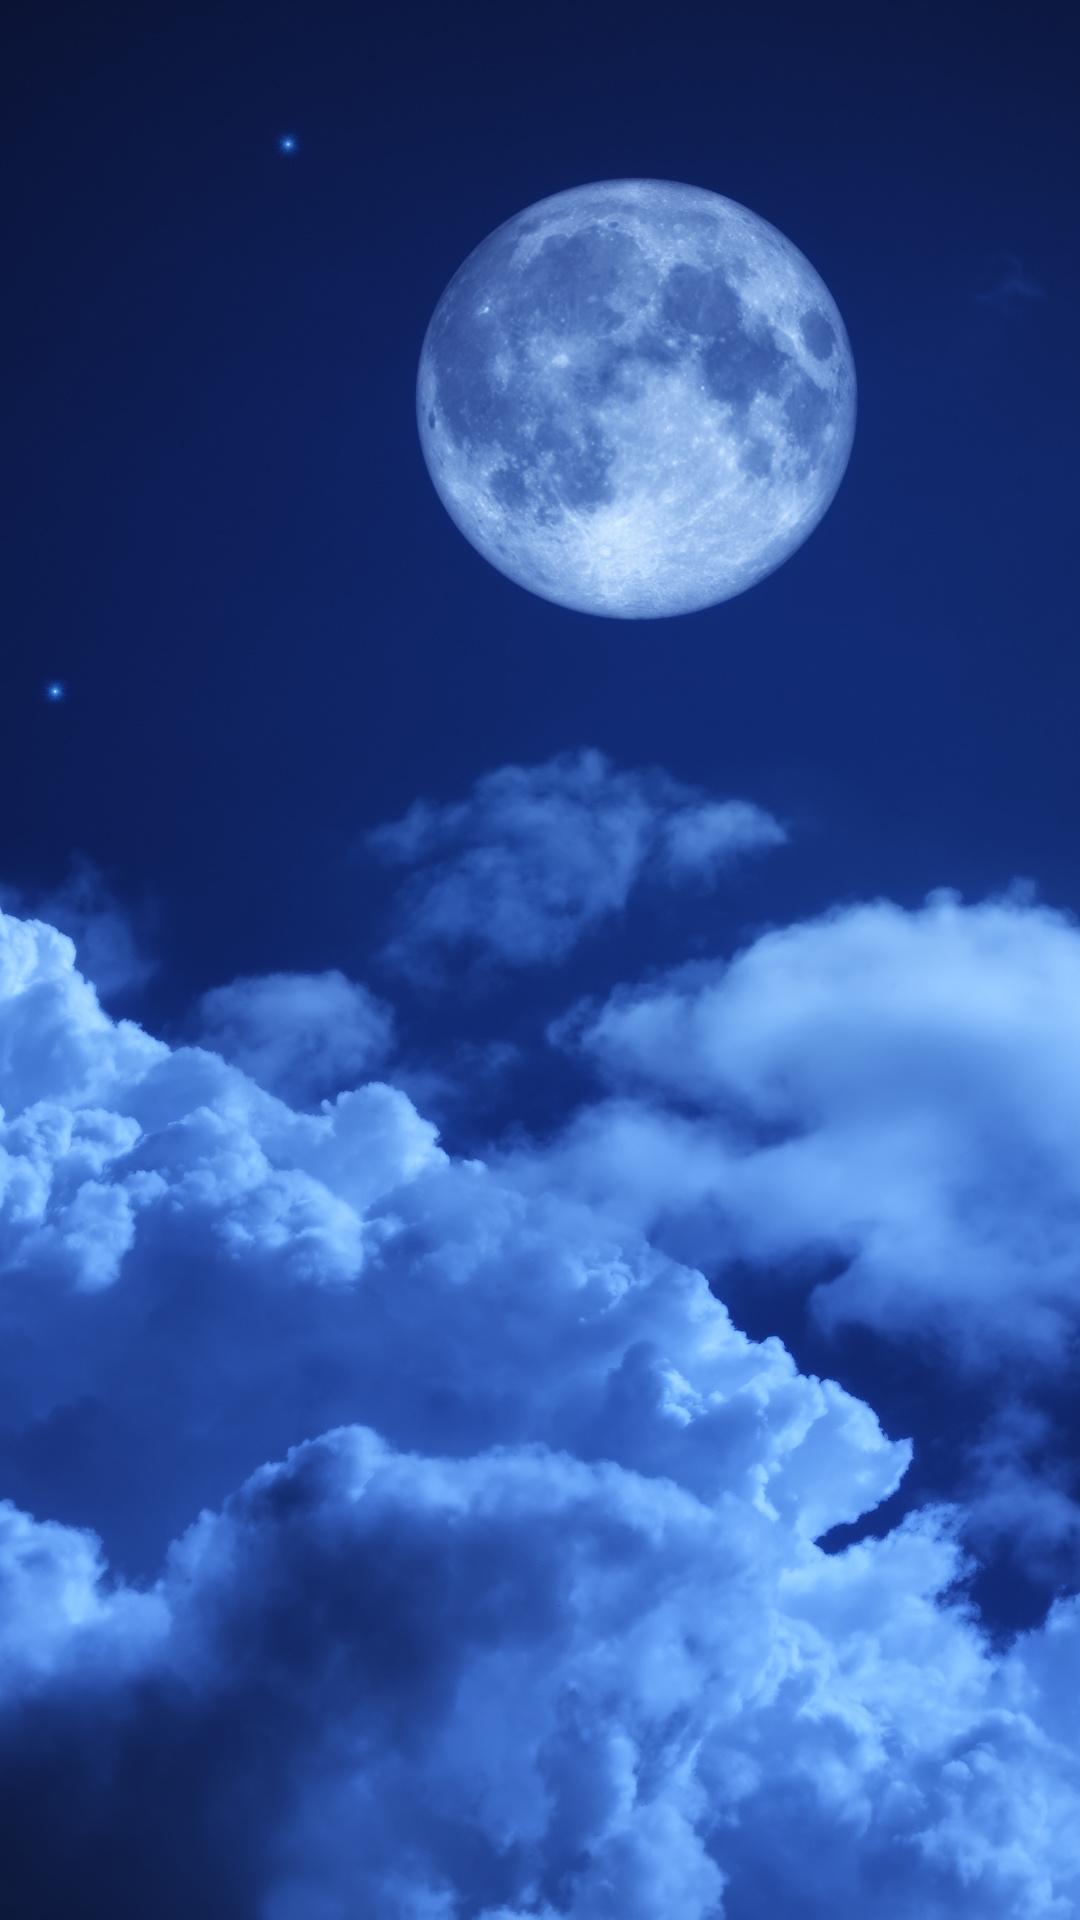 壁紙 1080x19 空 夜 月 雲 自然 ダウンロード 写真